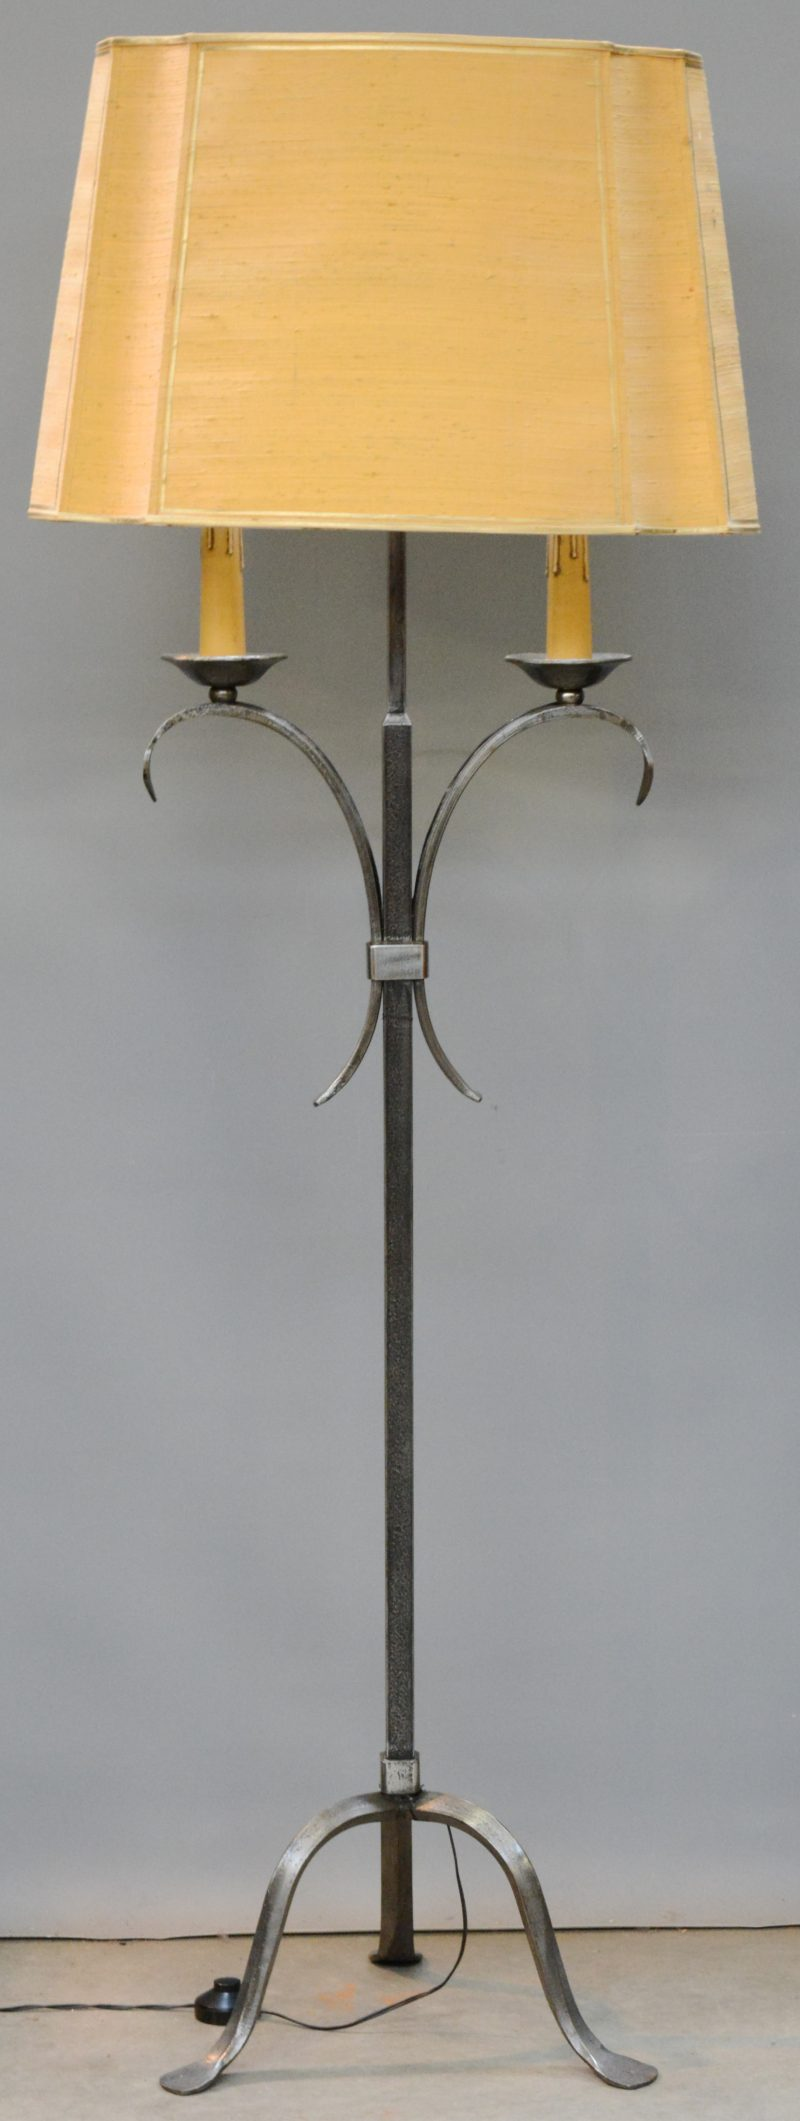 Een smeedijzeren dubbele kandelaar, gemonteerd als staande lamp.